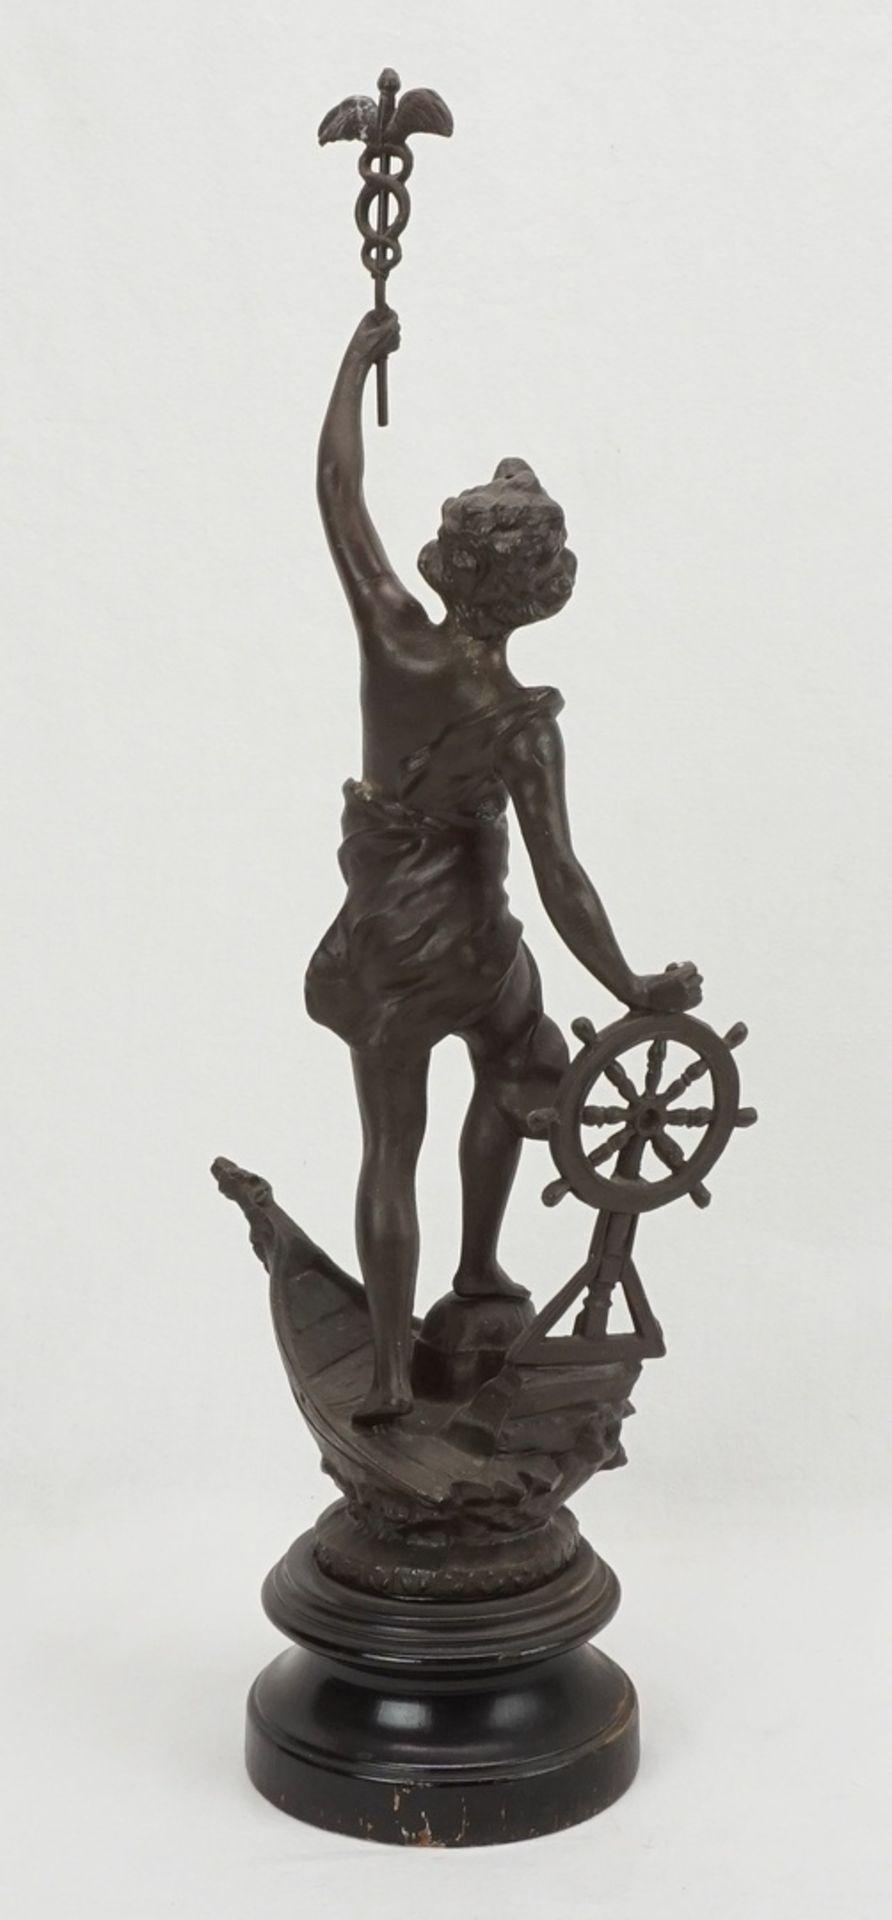 Zwei allegorische Figuren, für Handwerk und Wirtschaft & Handel - Bild 5 aus 5